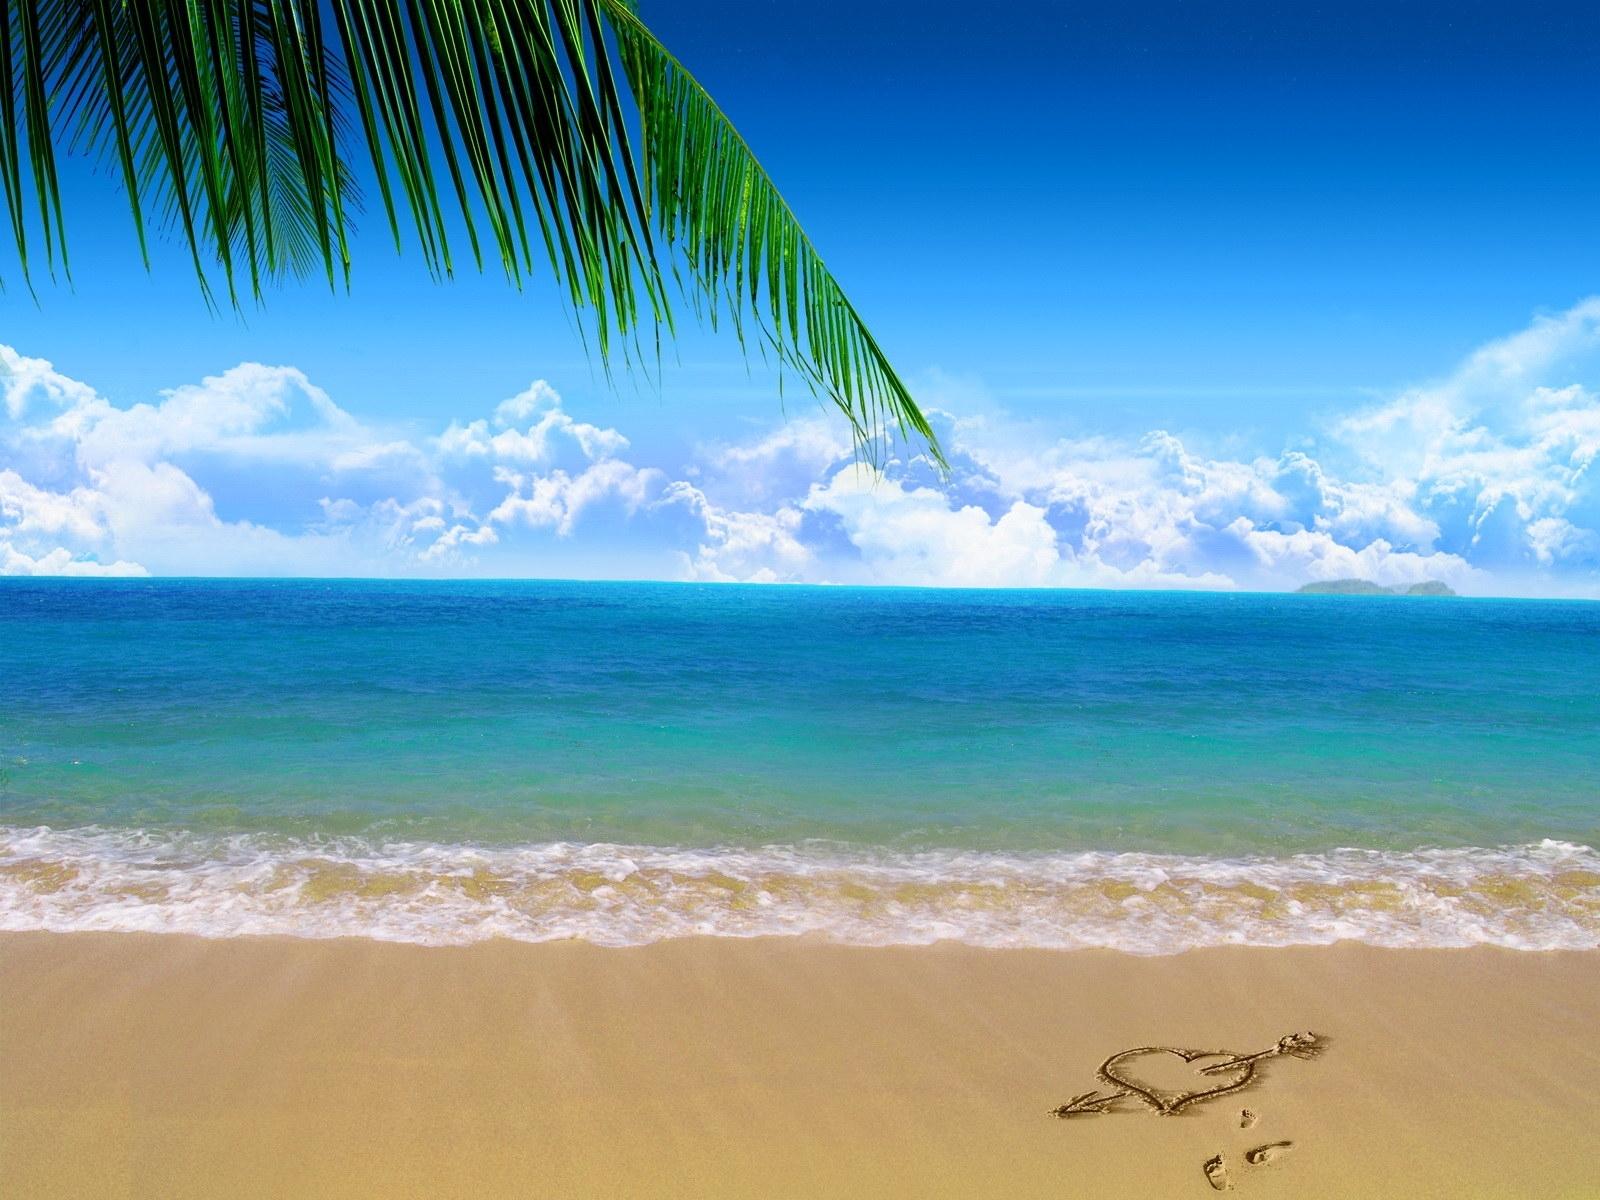 3402壁紙のダウンロード風景, 水, 海, 心, ビーチ-スクリーンセーバーと写真を無料で